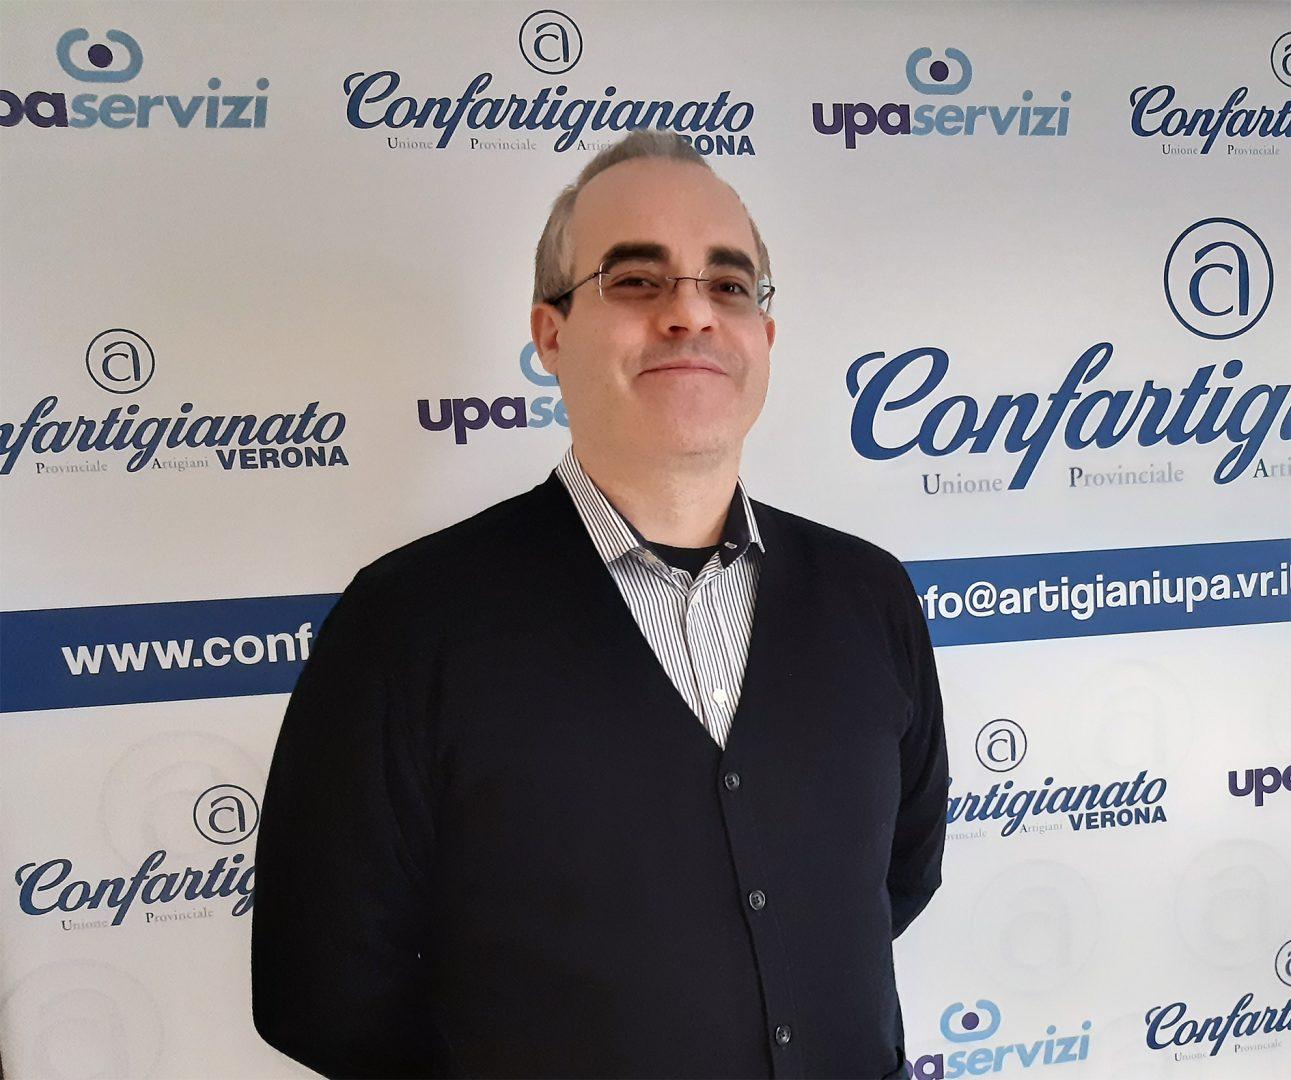 Paolo Brandellero - Presidente Confartigianato Trasporti Verona